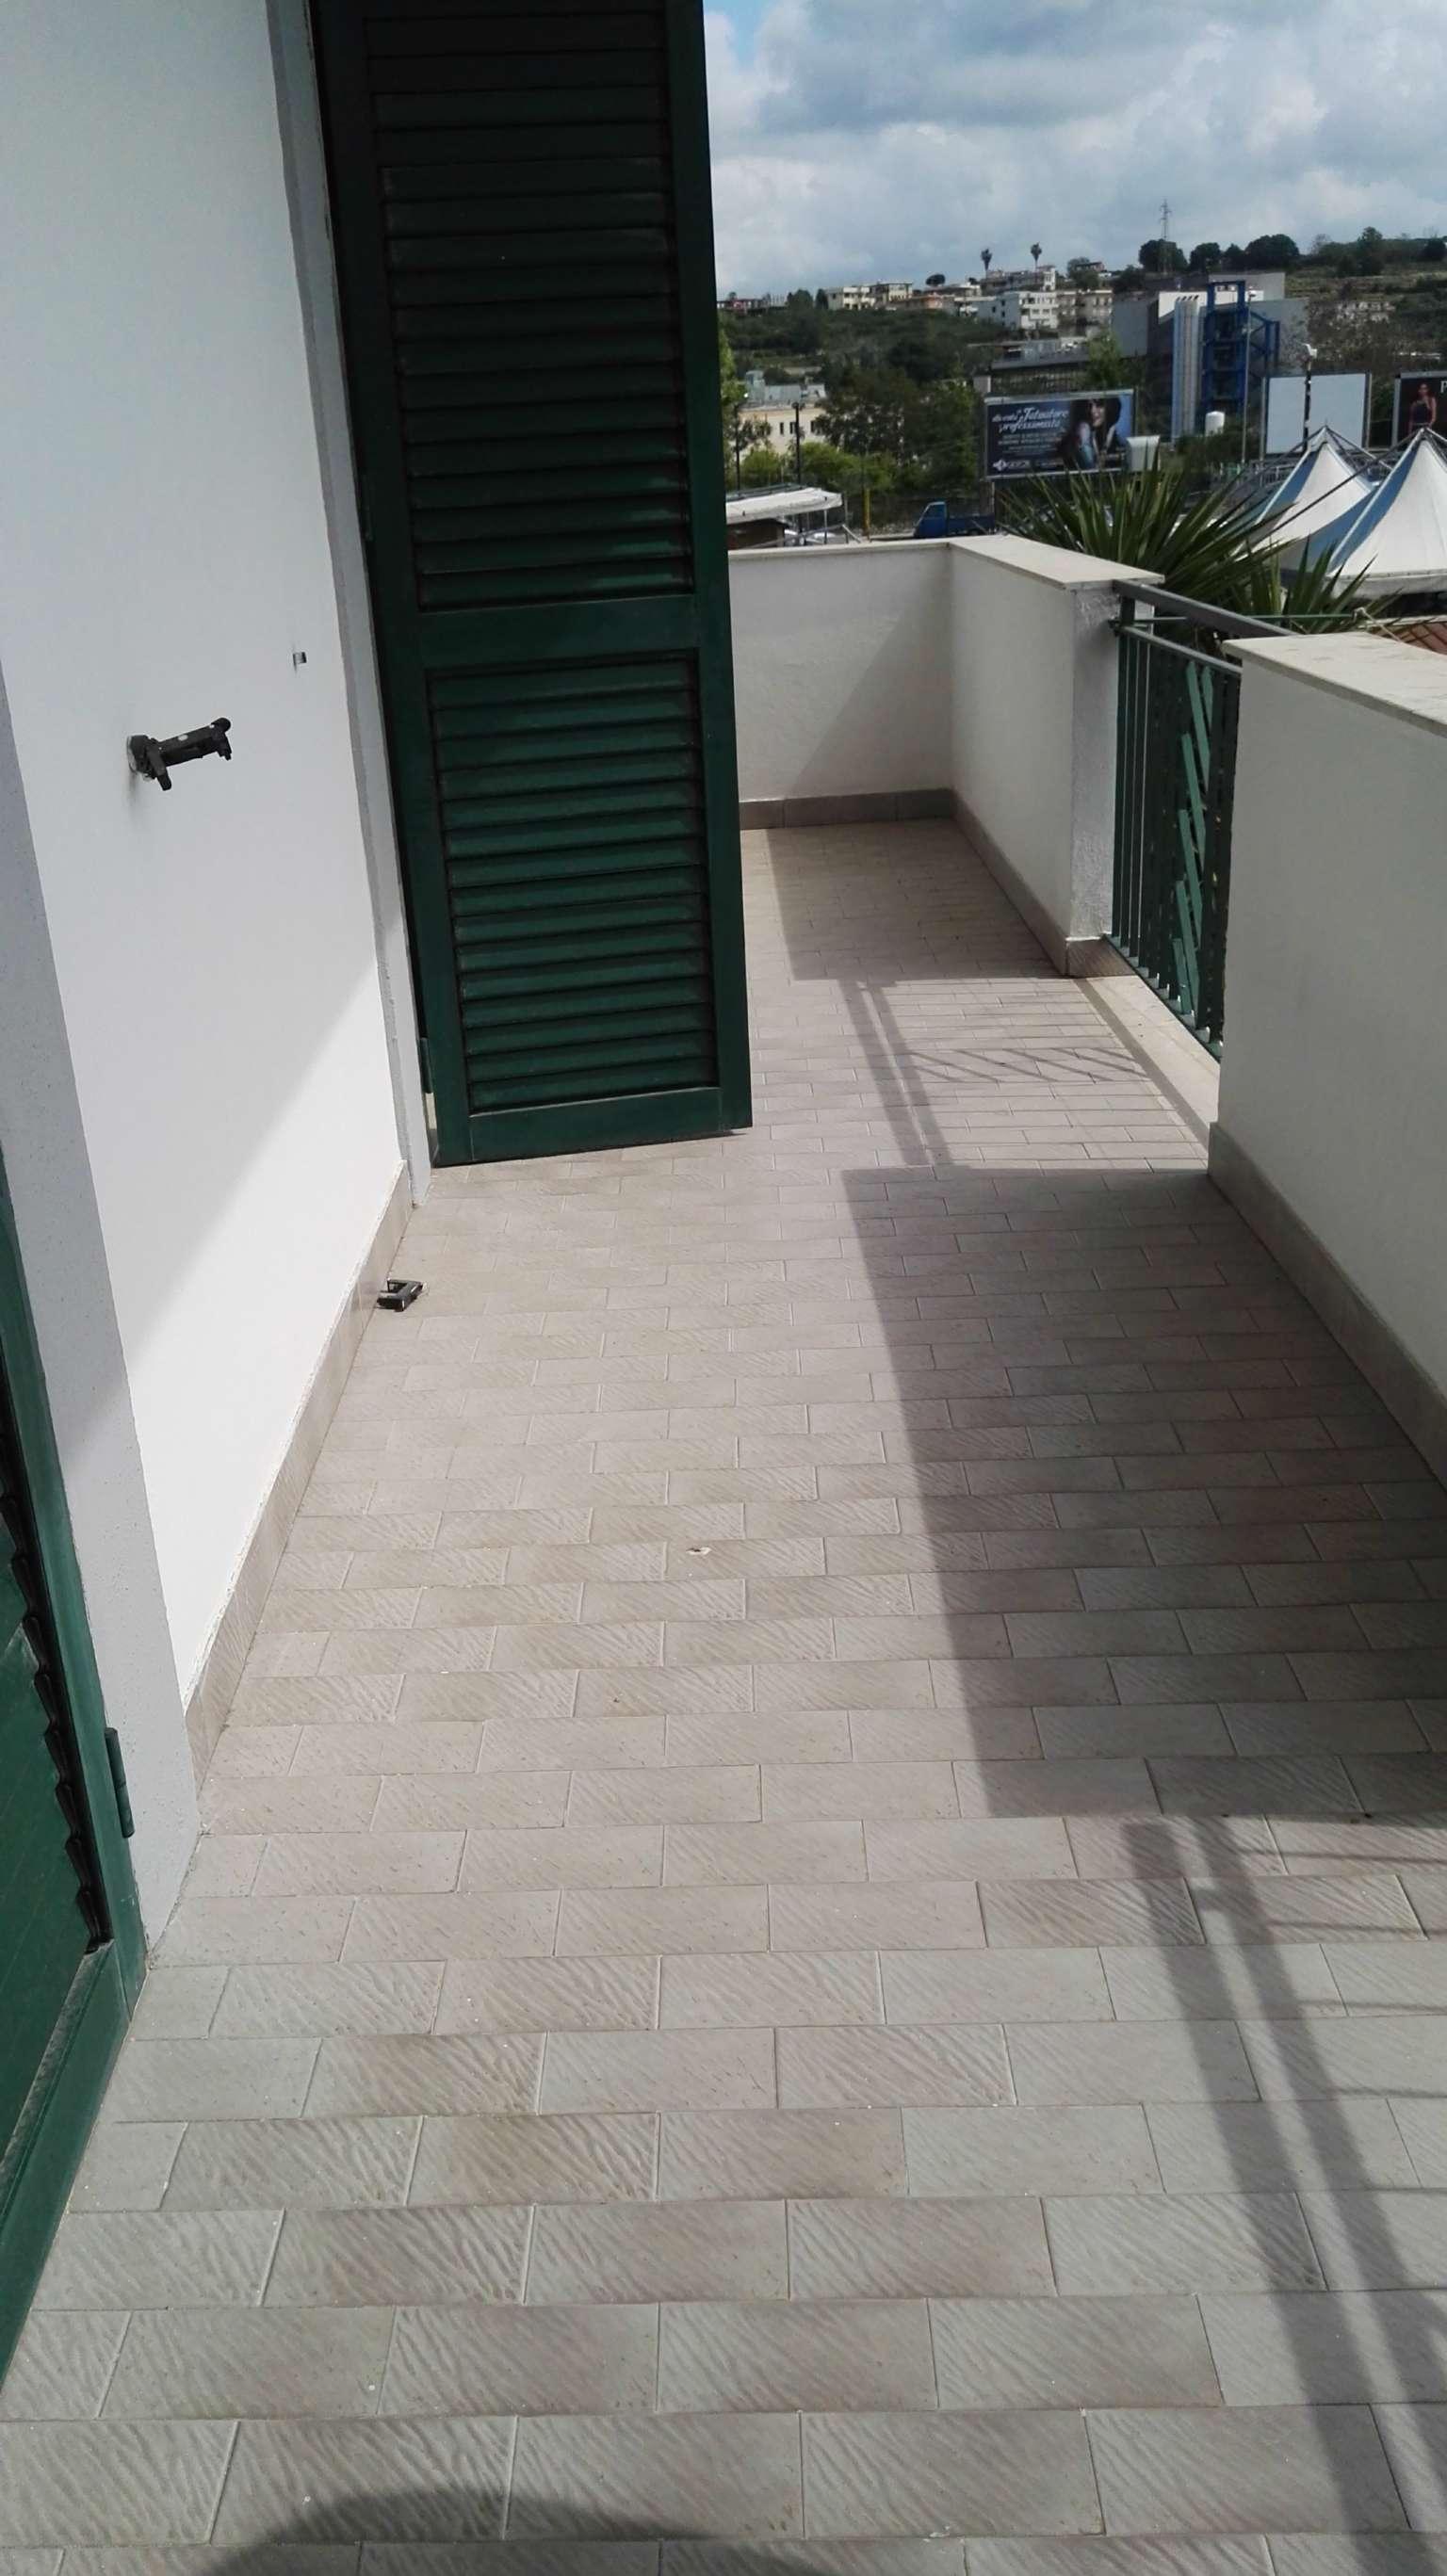 Appartamento in affitto a Pozzuoli, 4 locali, prezzo € 750 | CambioCasa.it